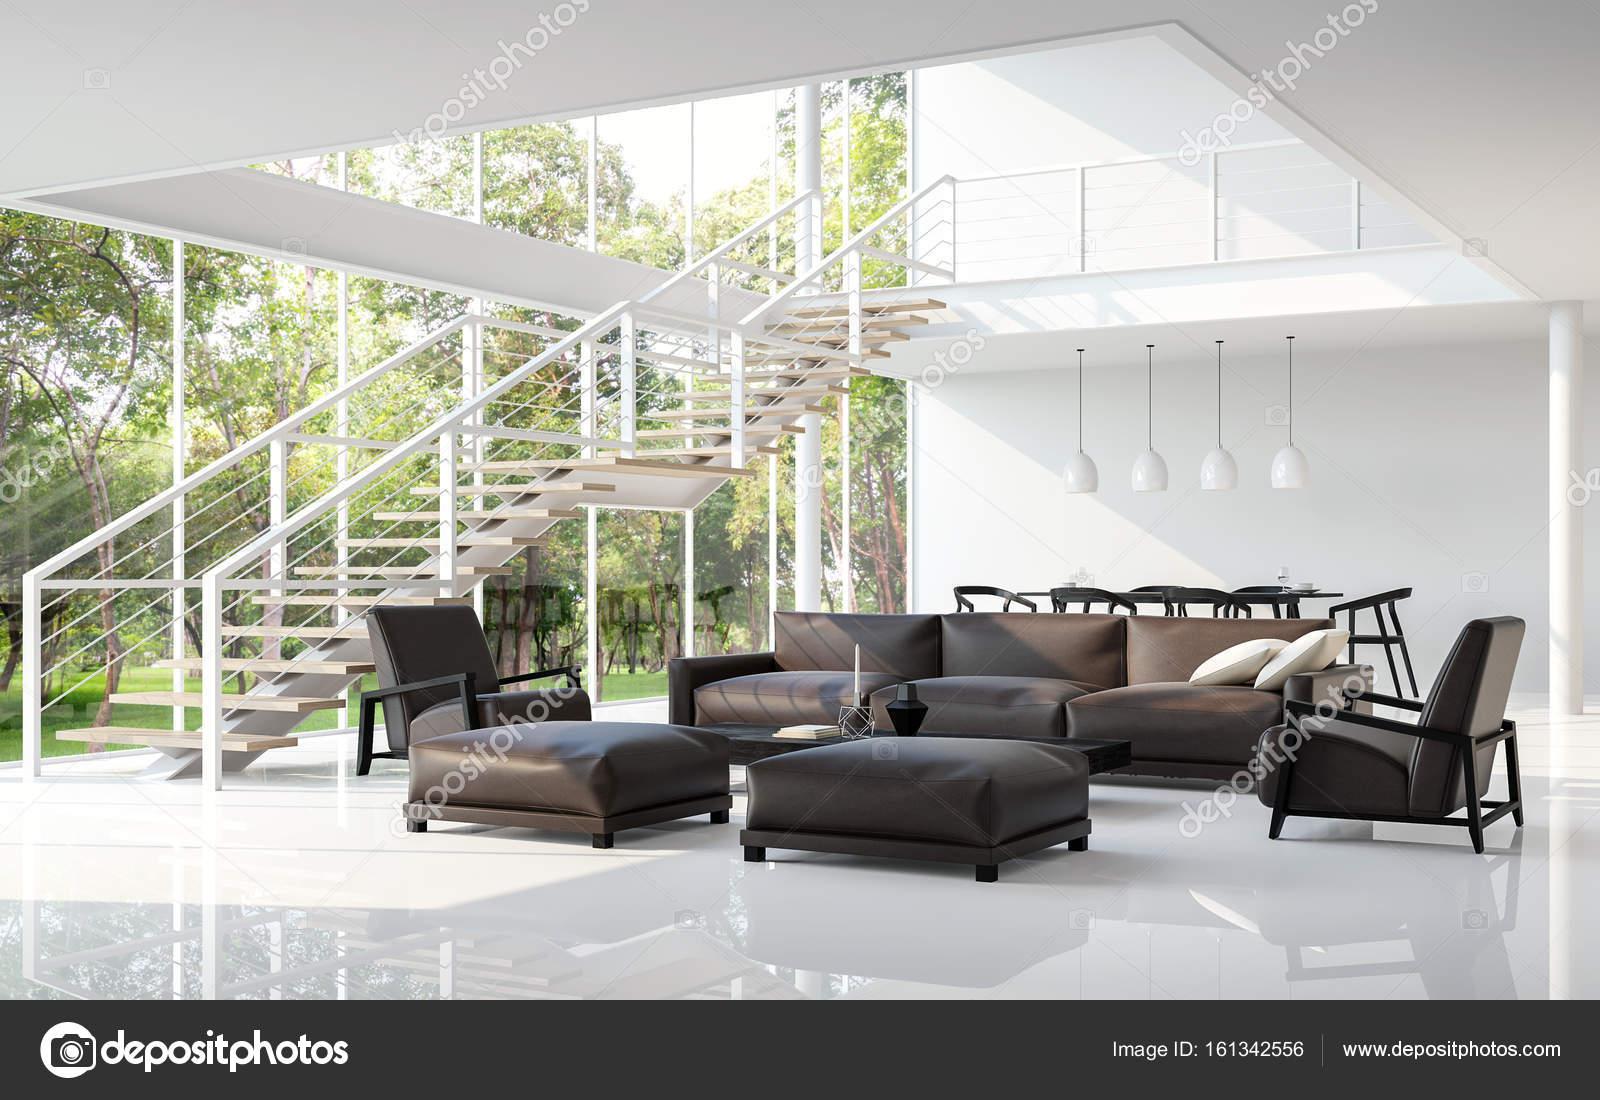 Moderne woonkamer en eetkamer d rendering wit u stockfoto onzon